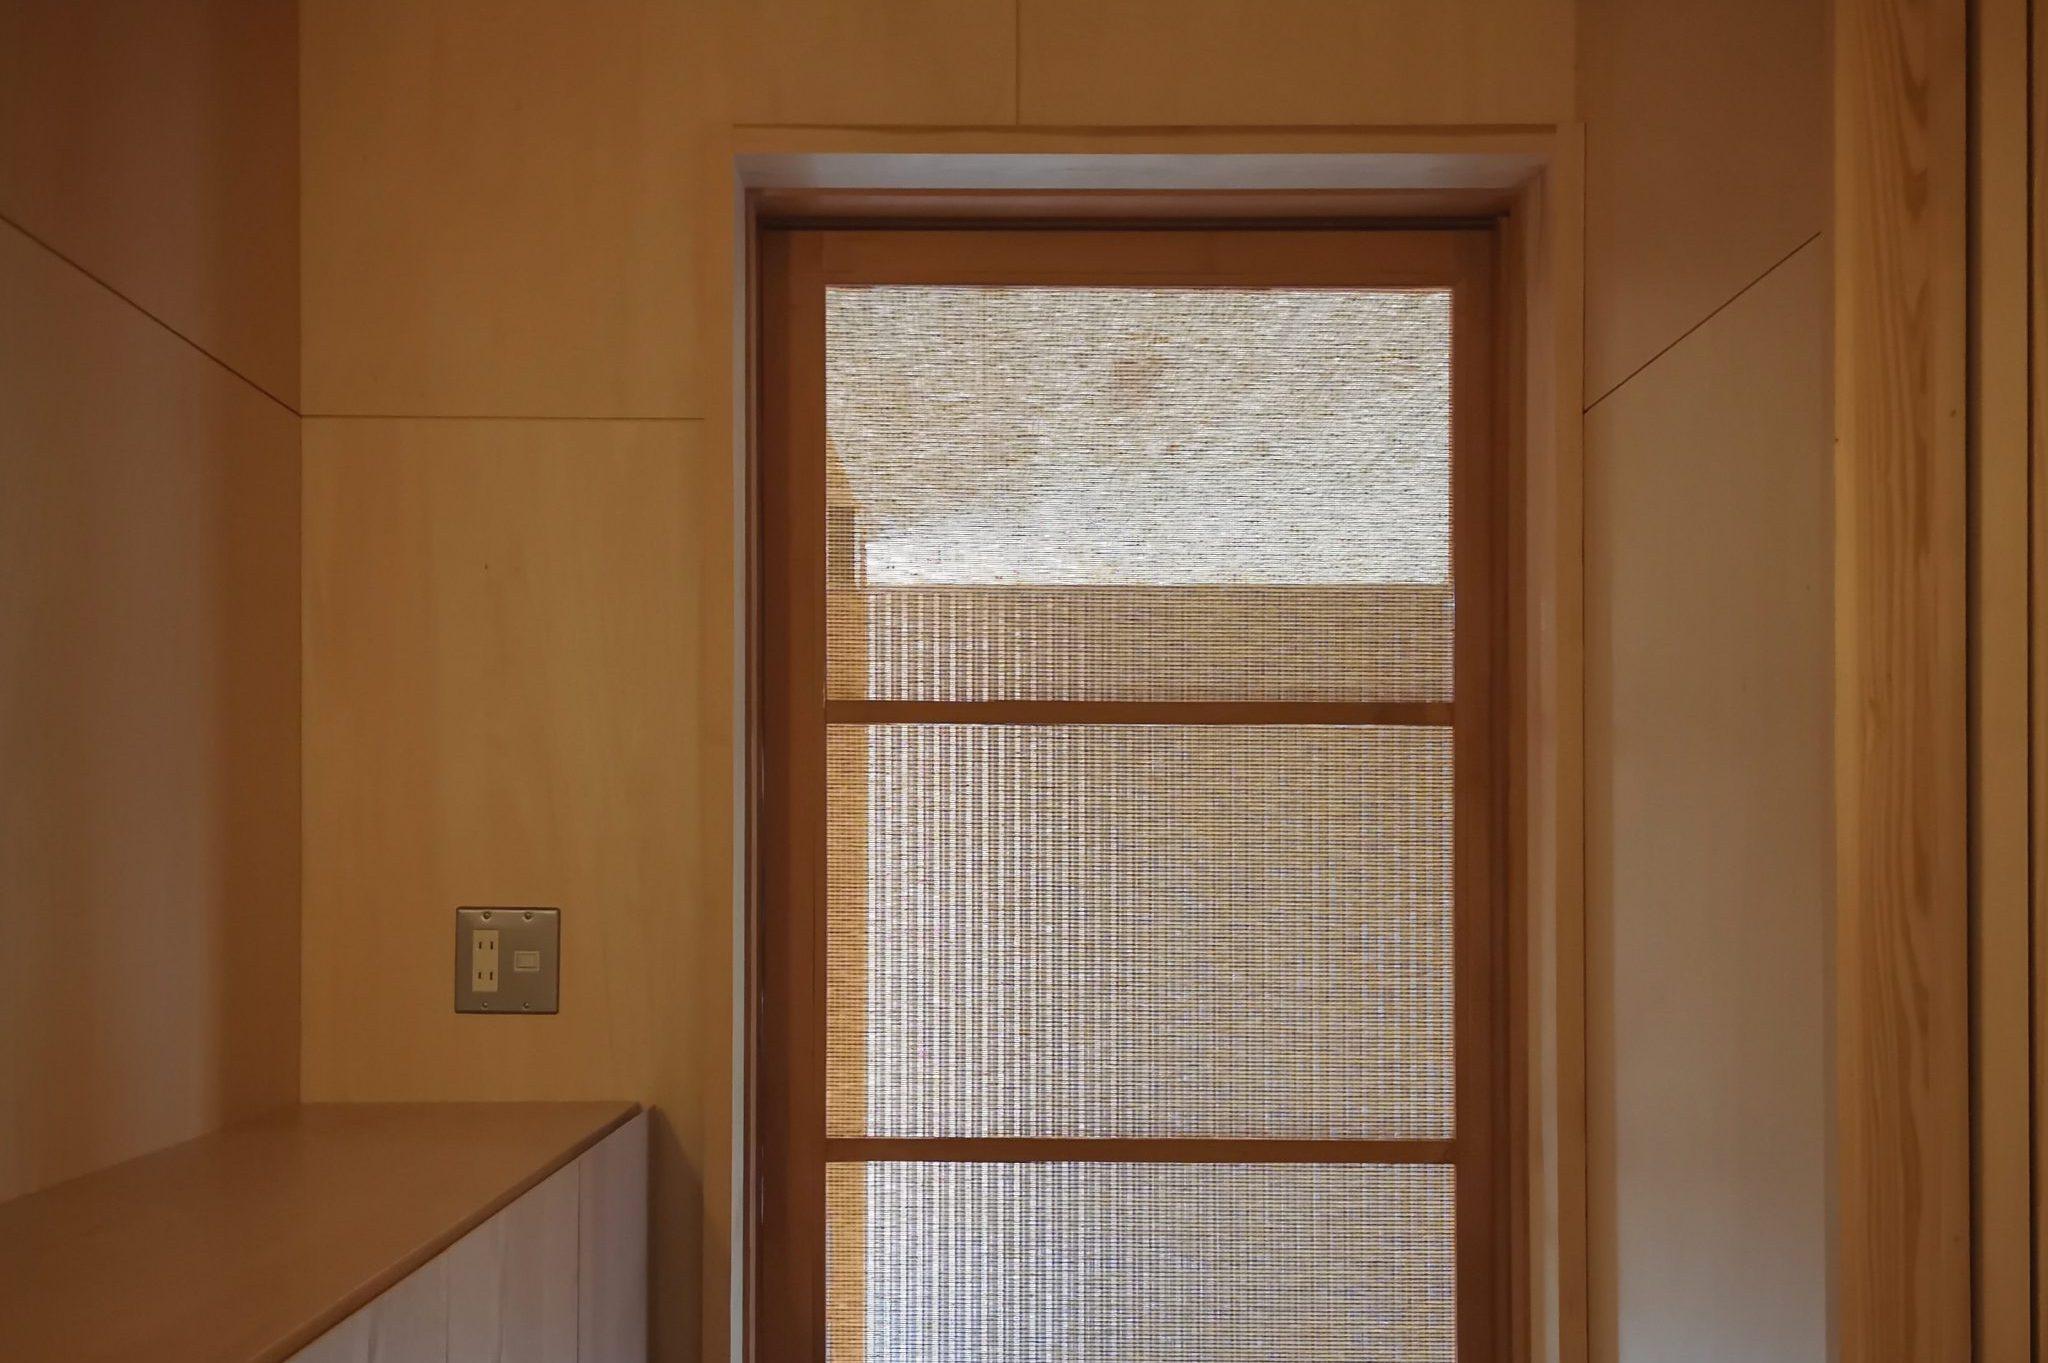 田迎の住宅:玄関には網戸を取付け、玄関内の明るさを確保し、涼しい日は玄関引戸は開けっ放しで外の空気を中に入れることが出来ます。